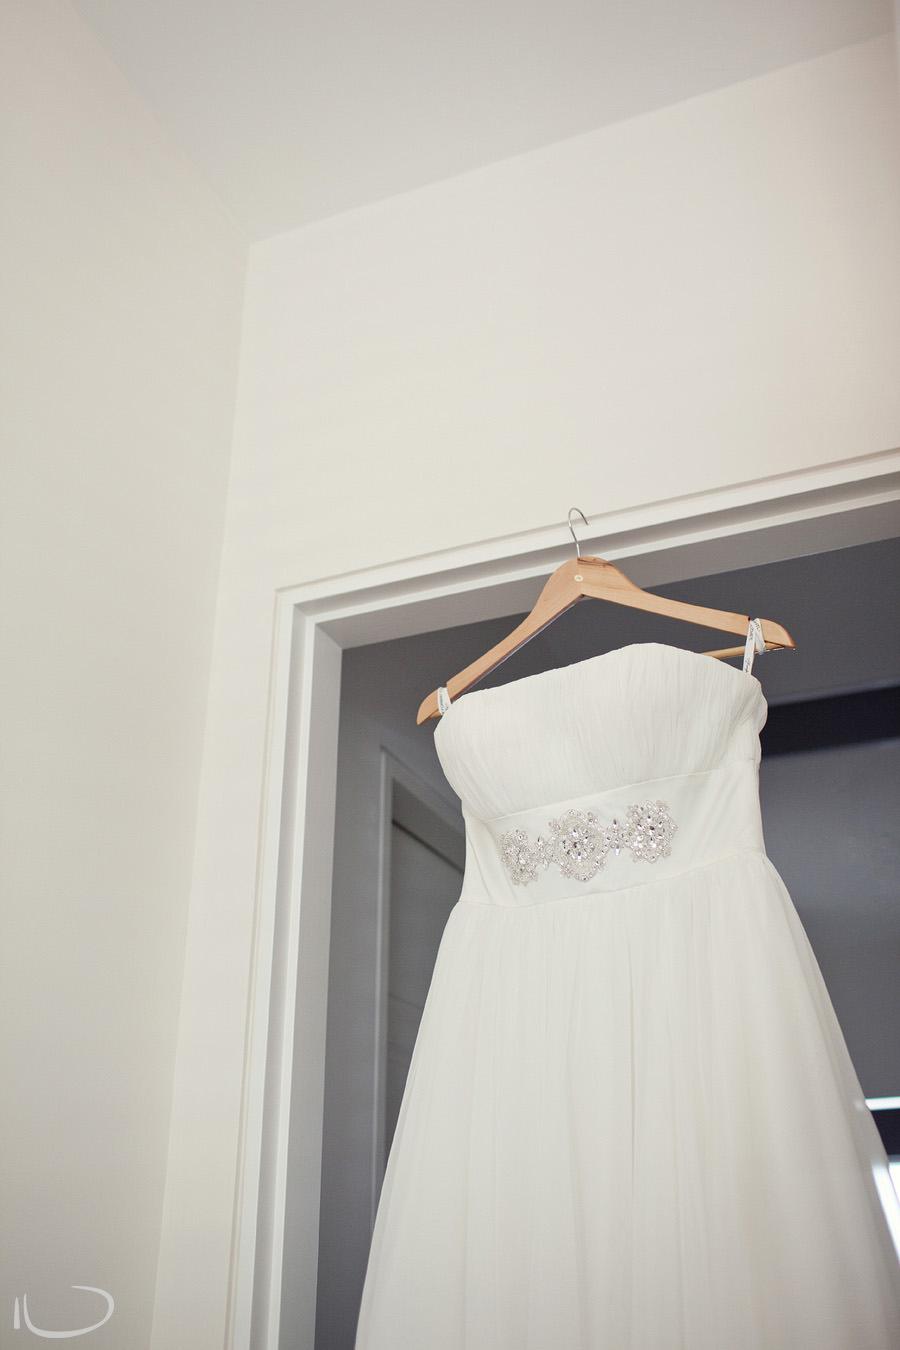 Cronulla Wedding Photographer: Wedding dress hanging from doorway